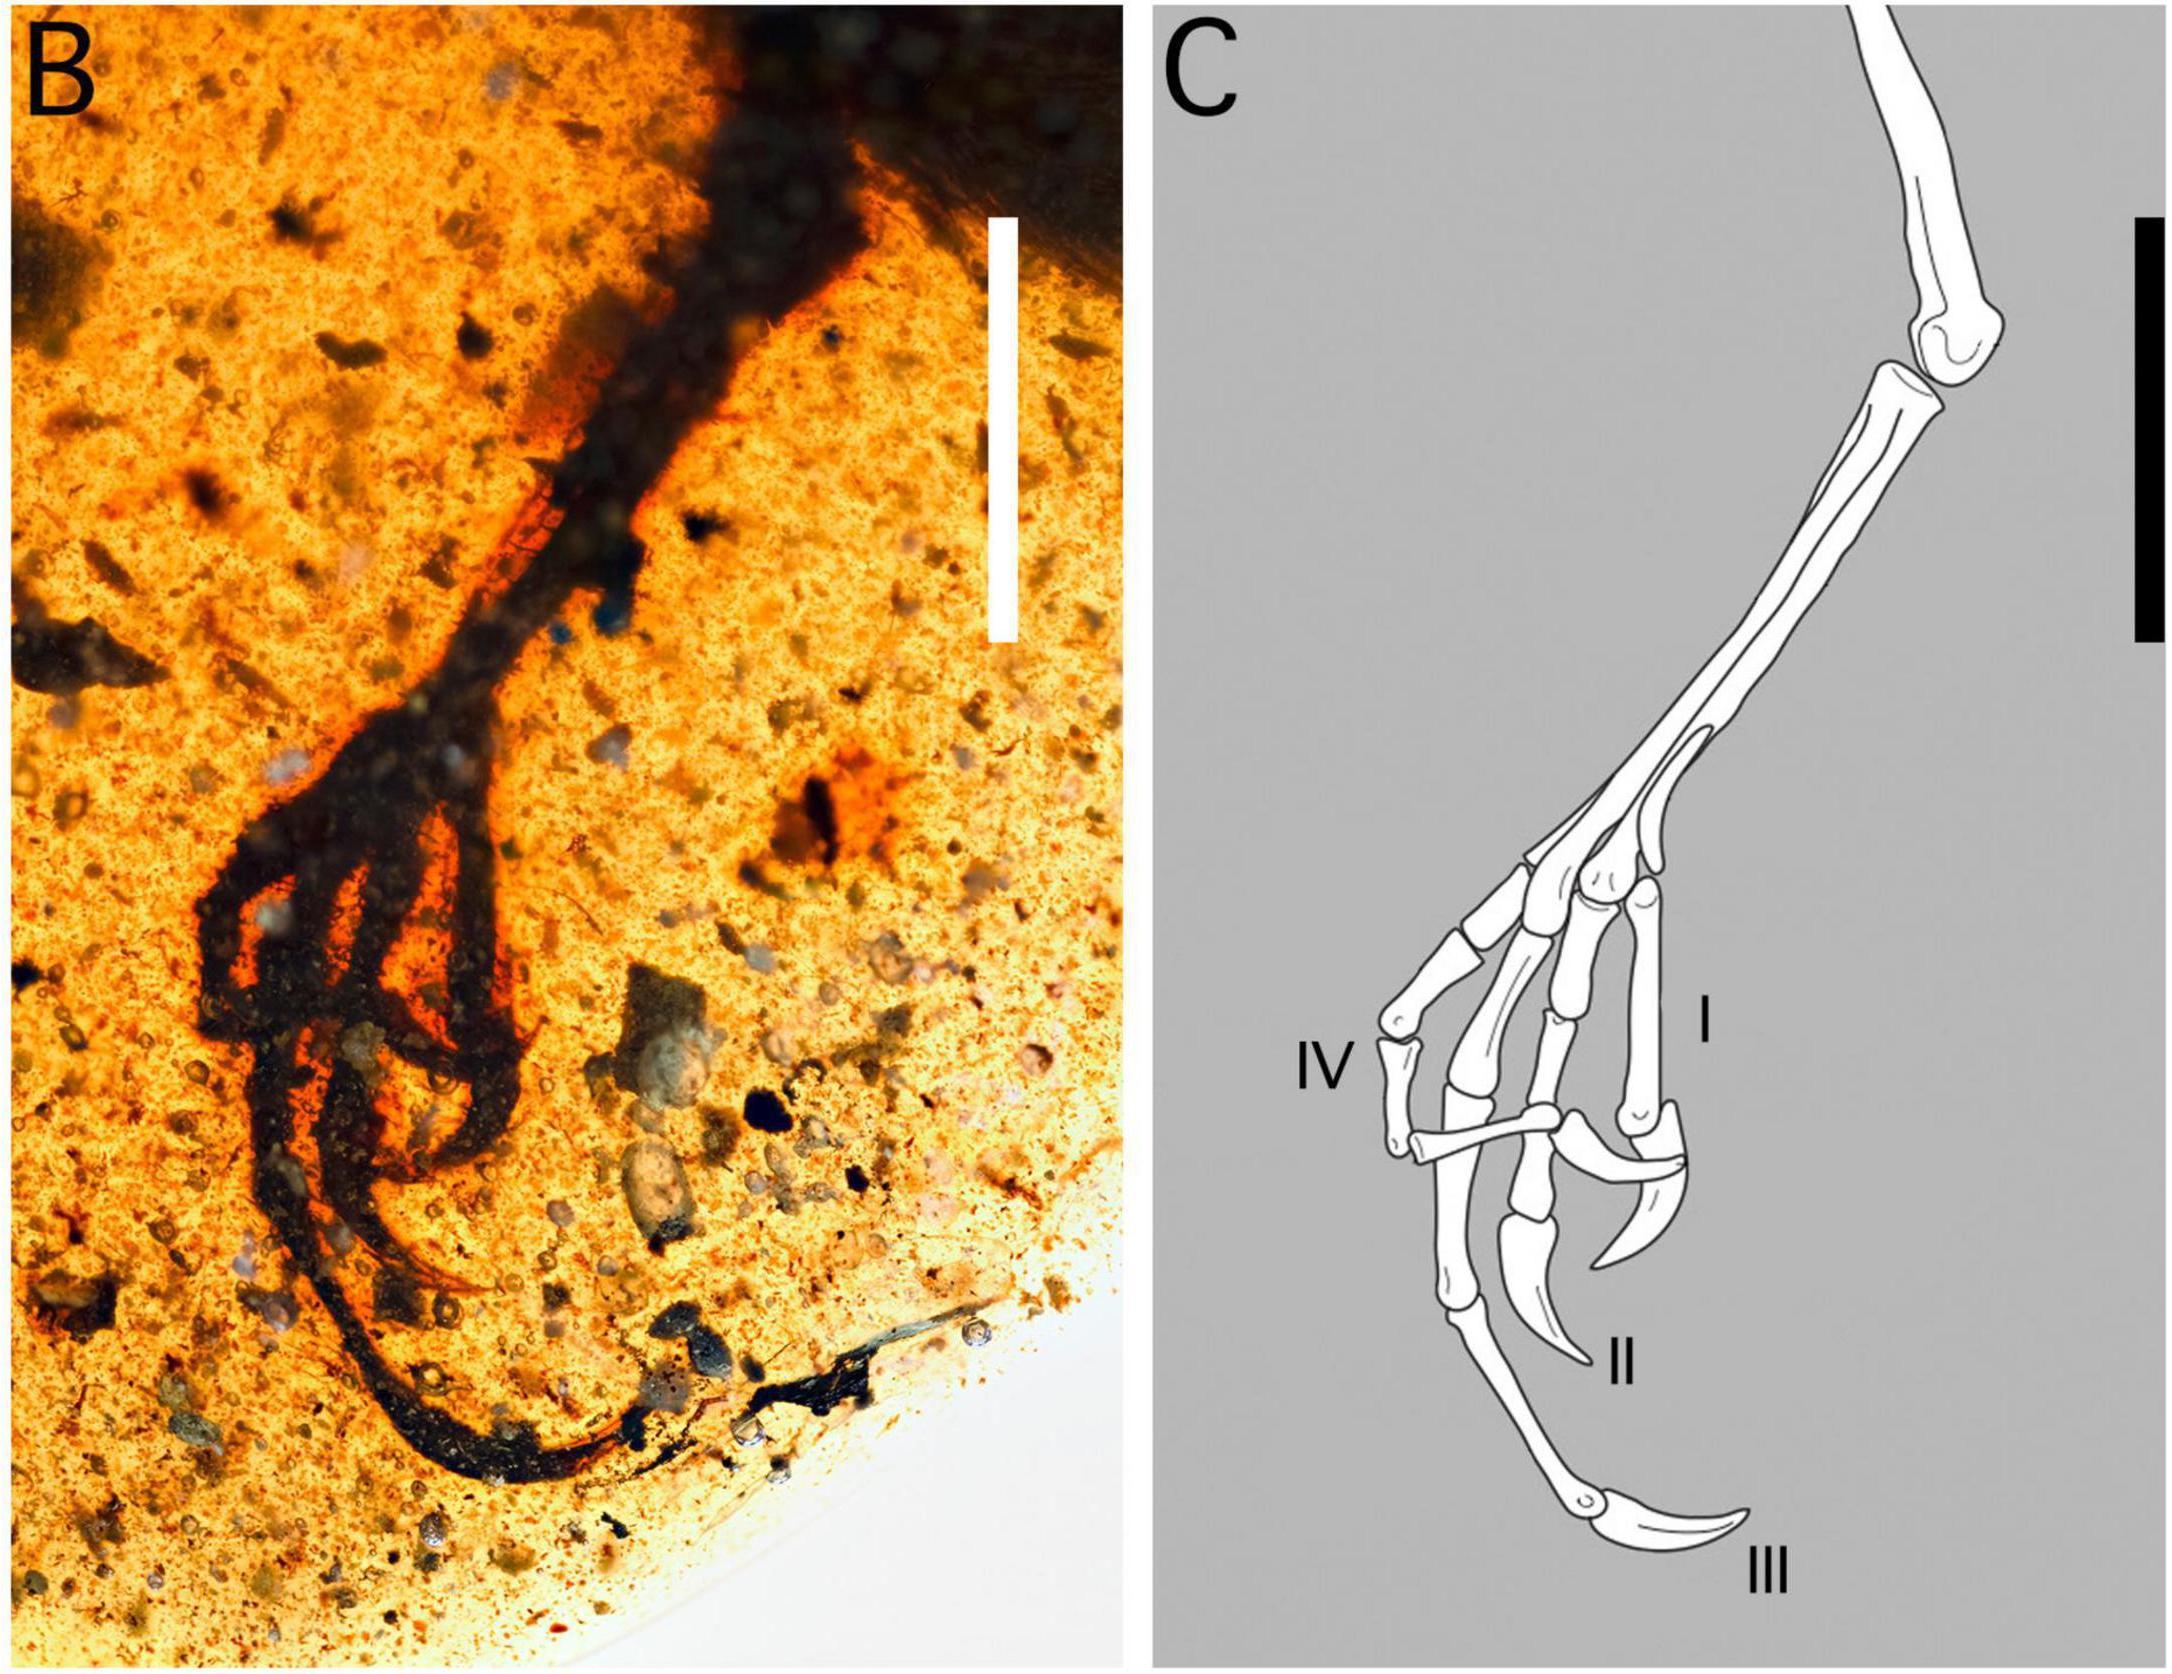 Палеонтологи объяснили функции необычных ног энанциорнисовых птиц из бирманского янтаря